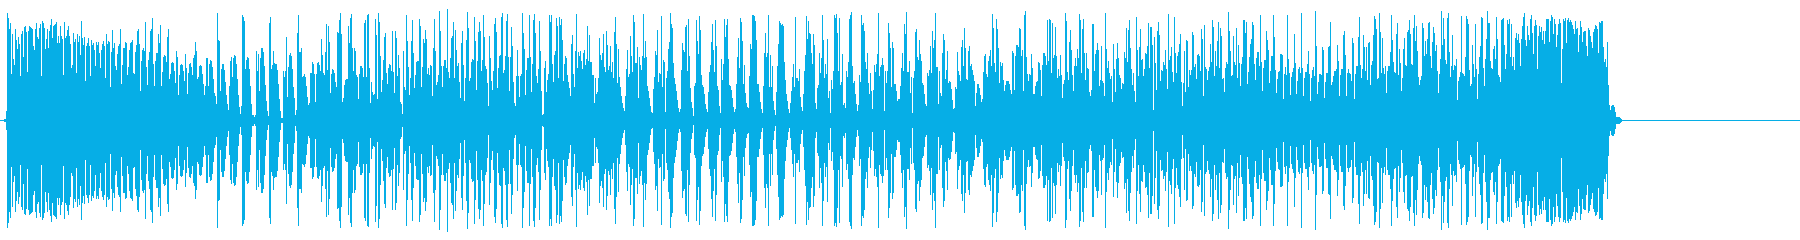 衝撃波のような空気が震える音の再生済みの波形